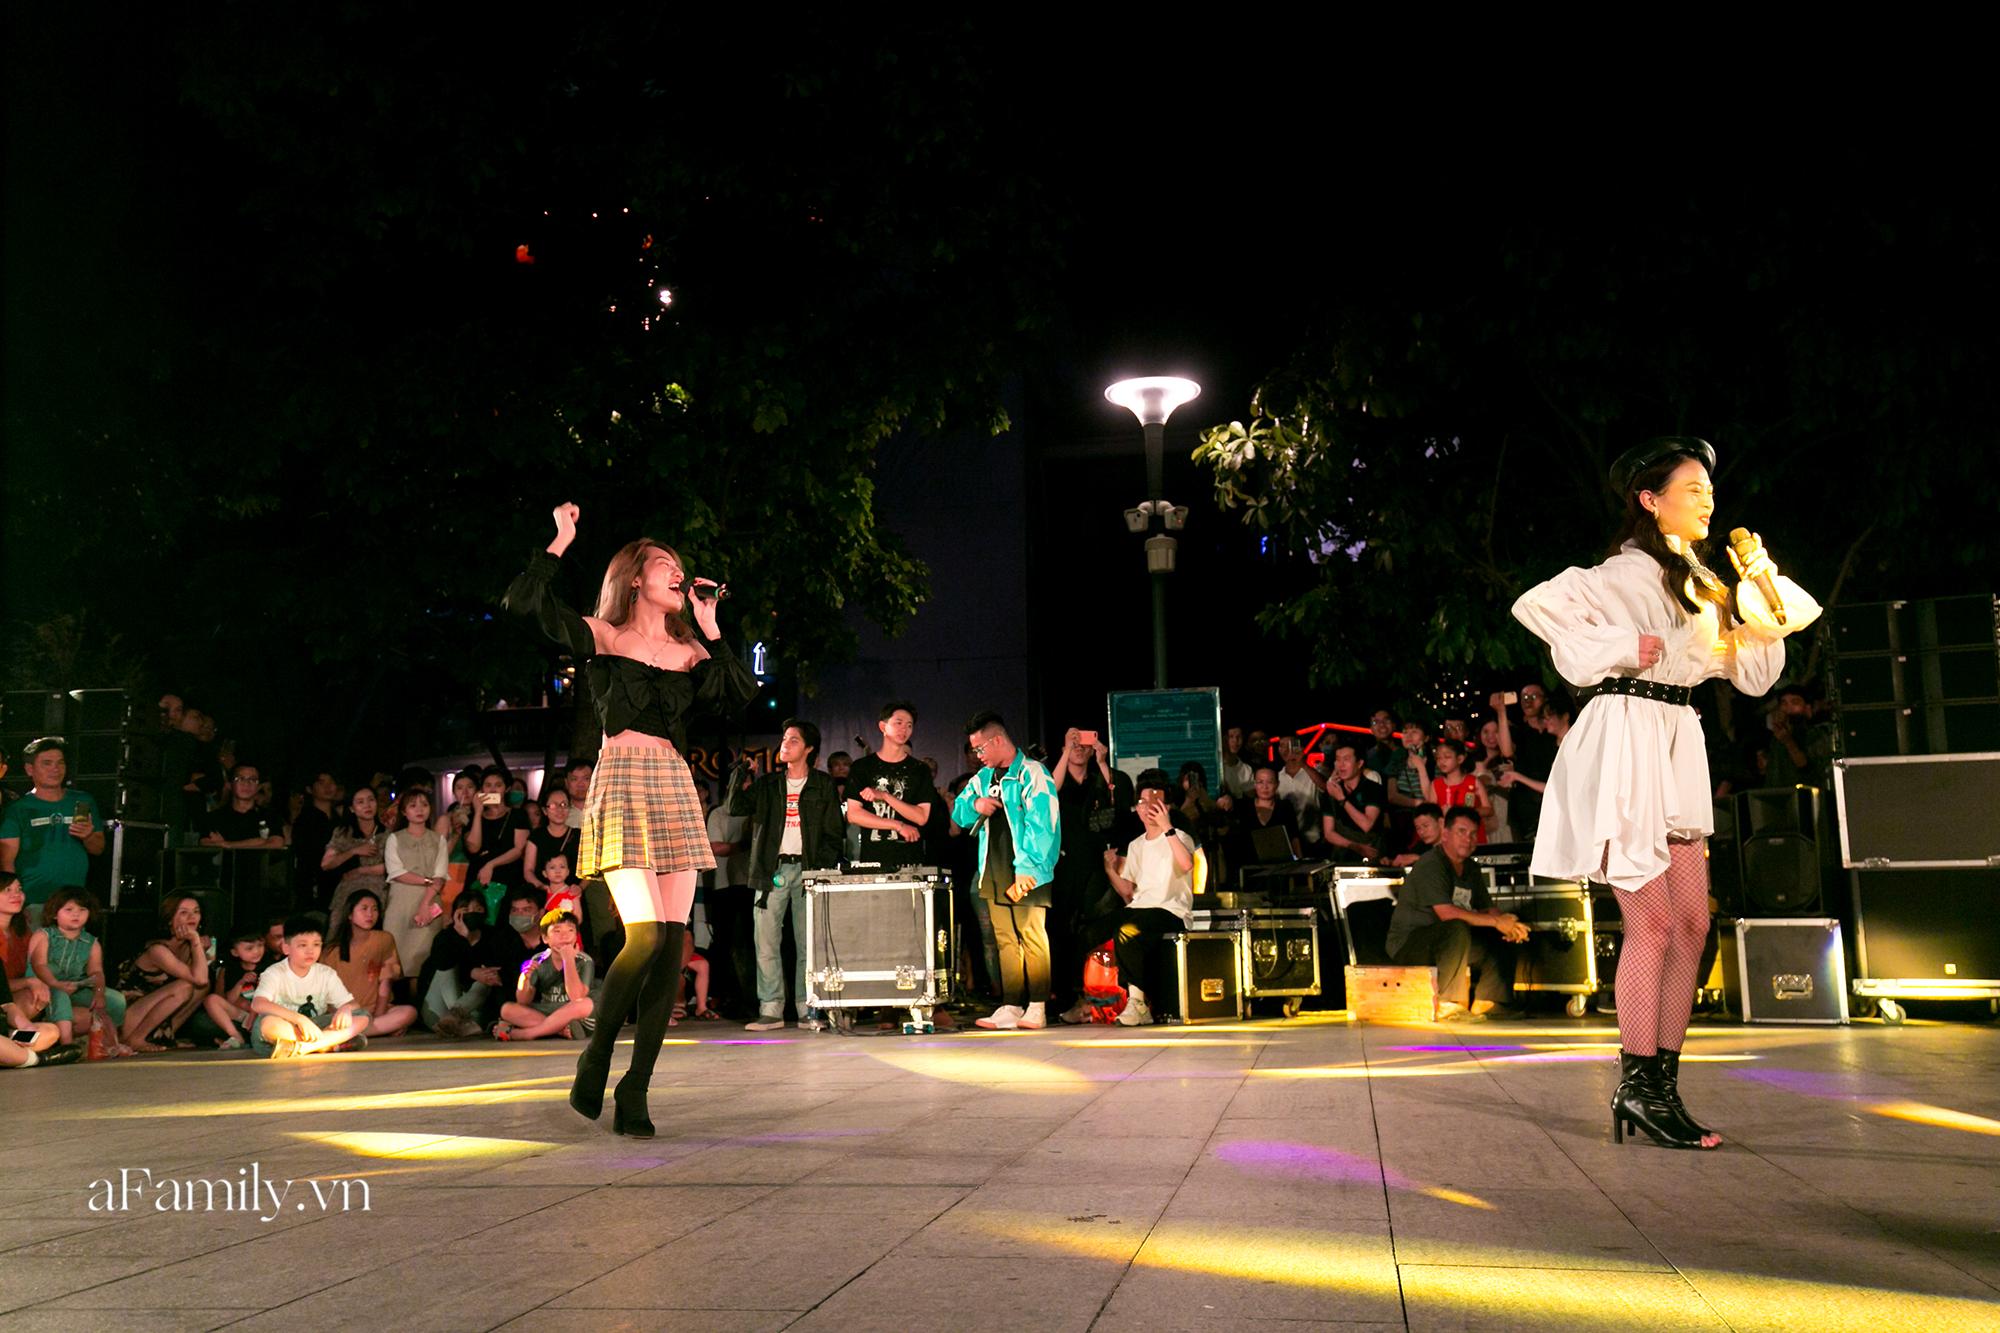 Phố đi bộ Nguyễn Huệ bắt đầu tổ chức các hoạt động biểu diễn nghệ thuật đường phố miễn phí và đây là tuần đầu tiên người Sài Gòn được trải nghiệm - Ảnh 2.